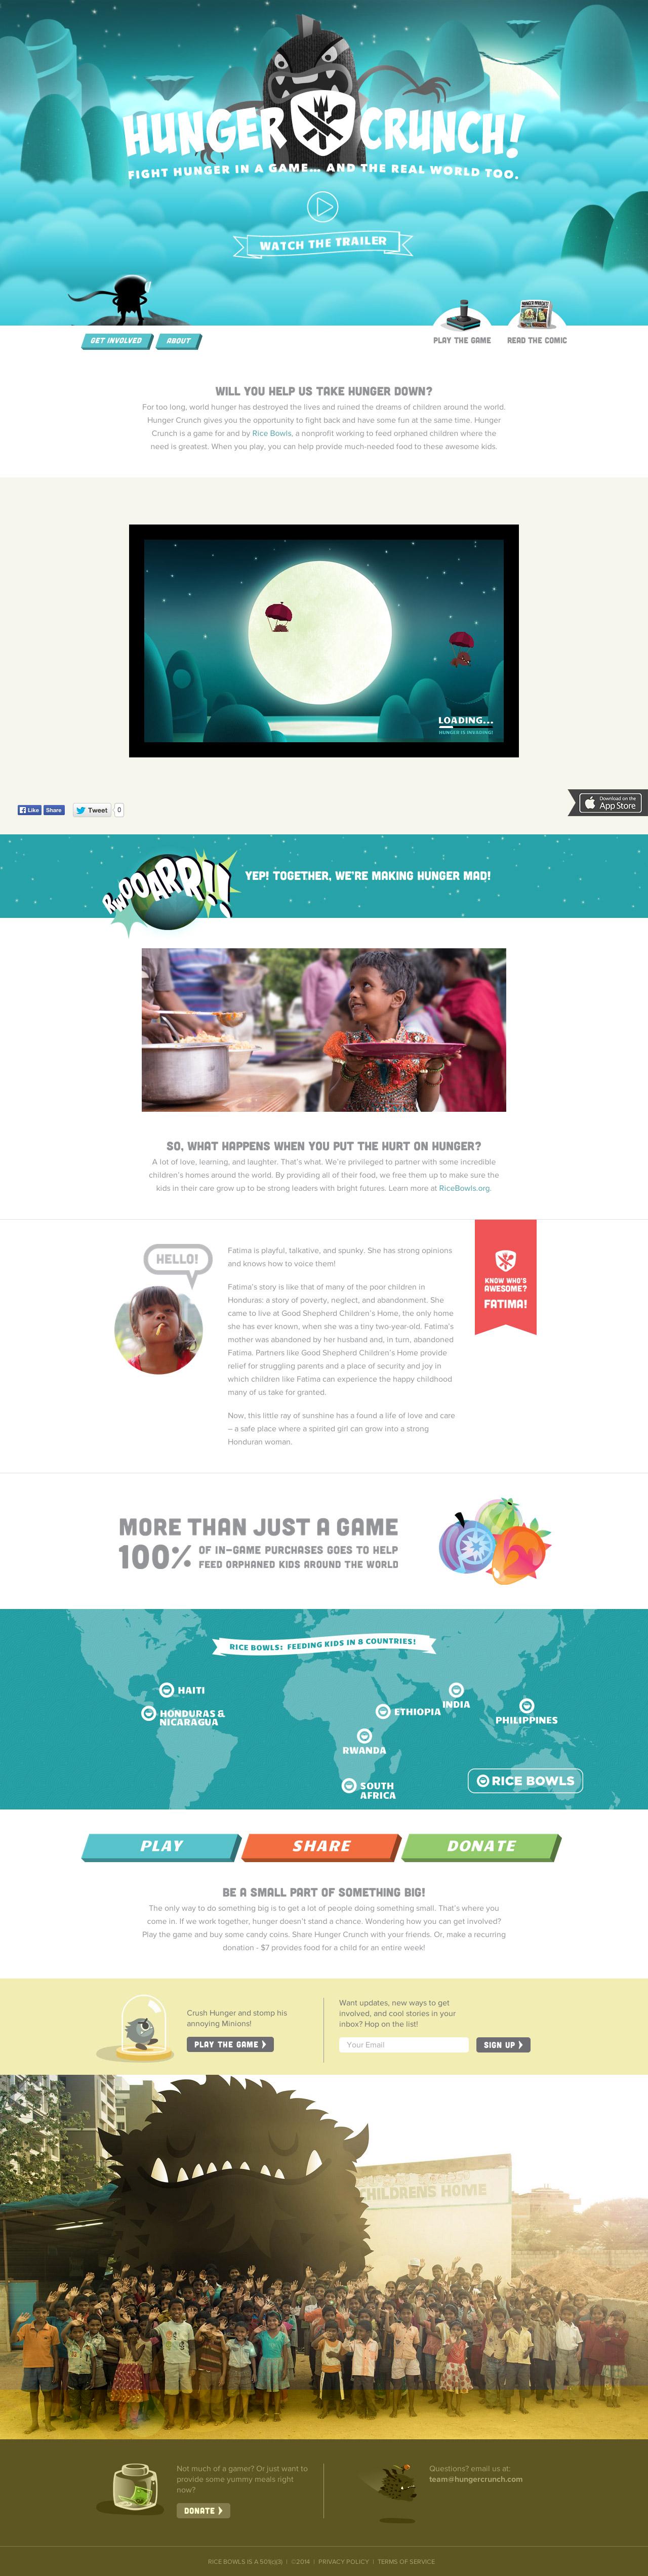 Hunger Crunch Website Screenshot